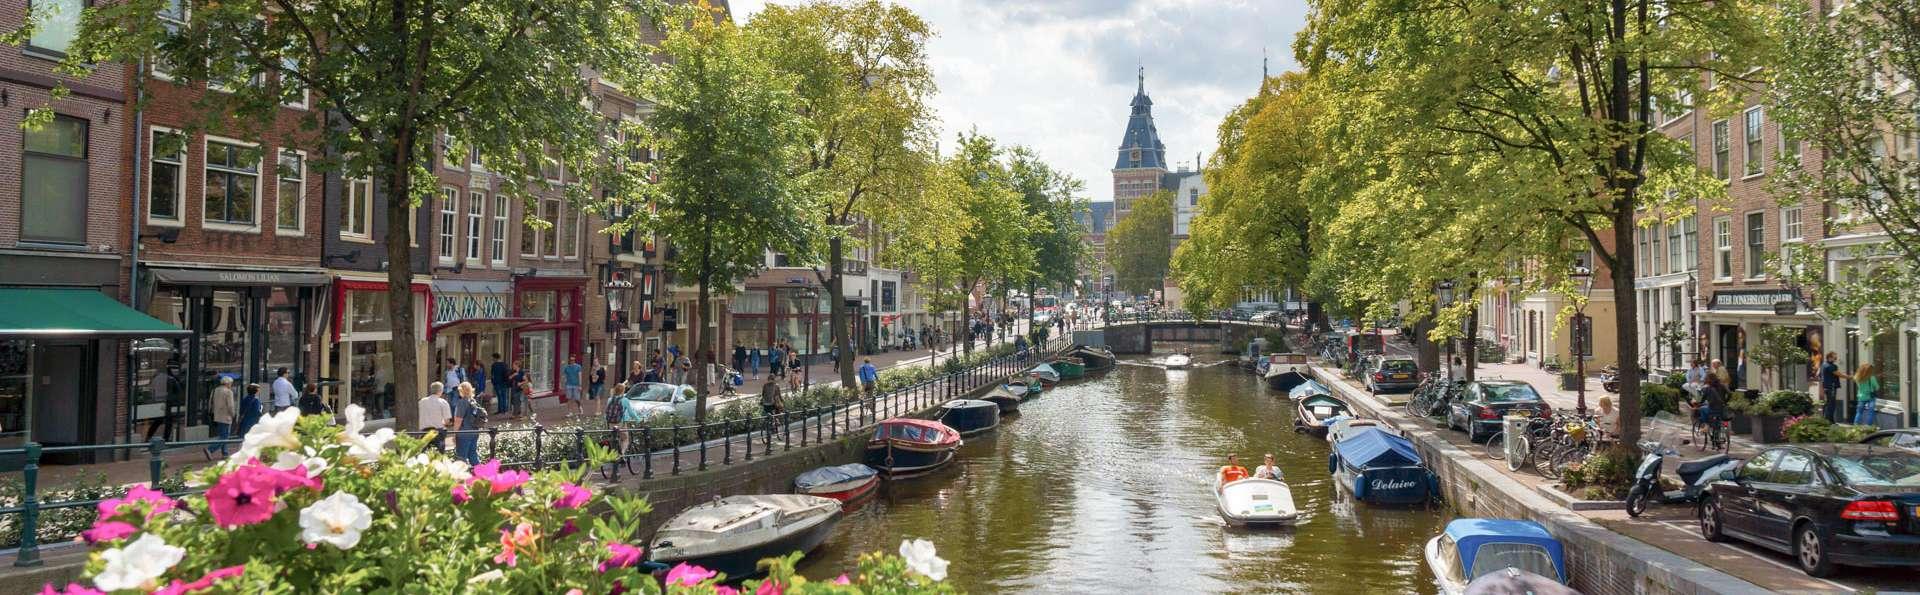 Profitez du calme à deux pas d'Amsterdam, avec parking et départ tardif inclus